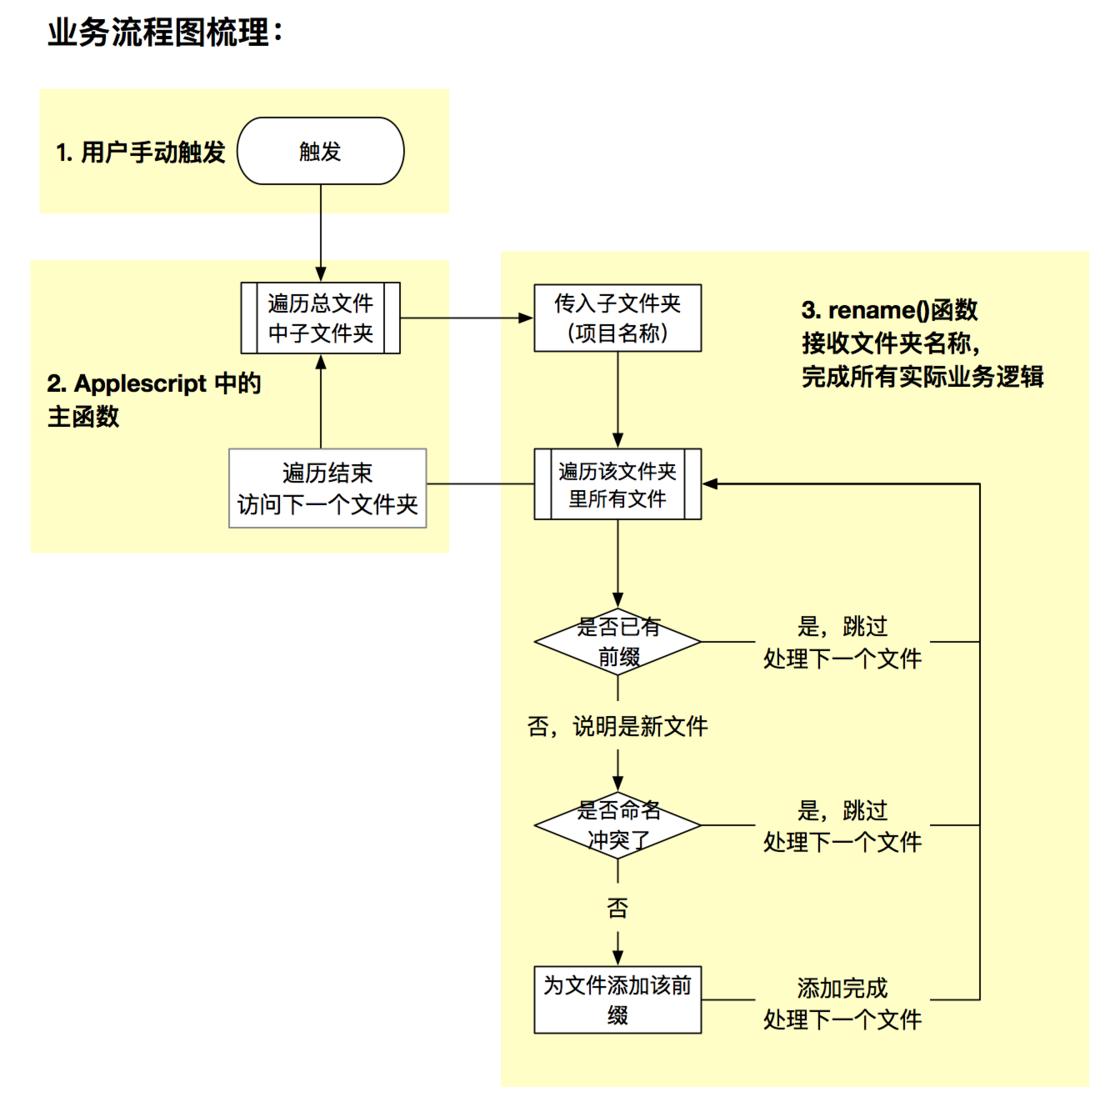 根据业务流程图设计程序